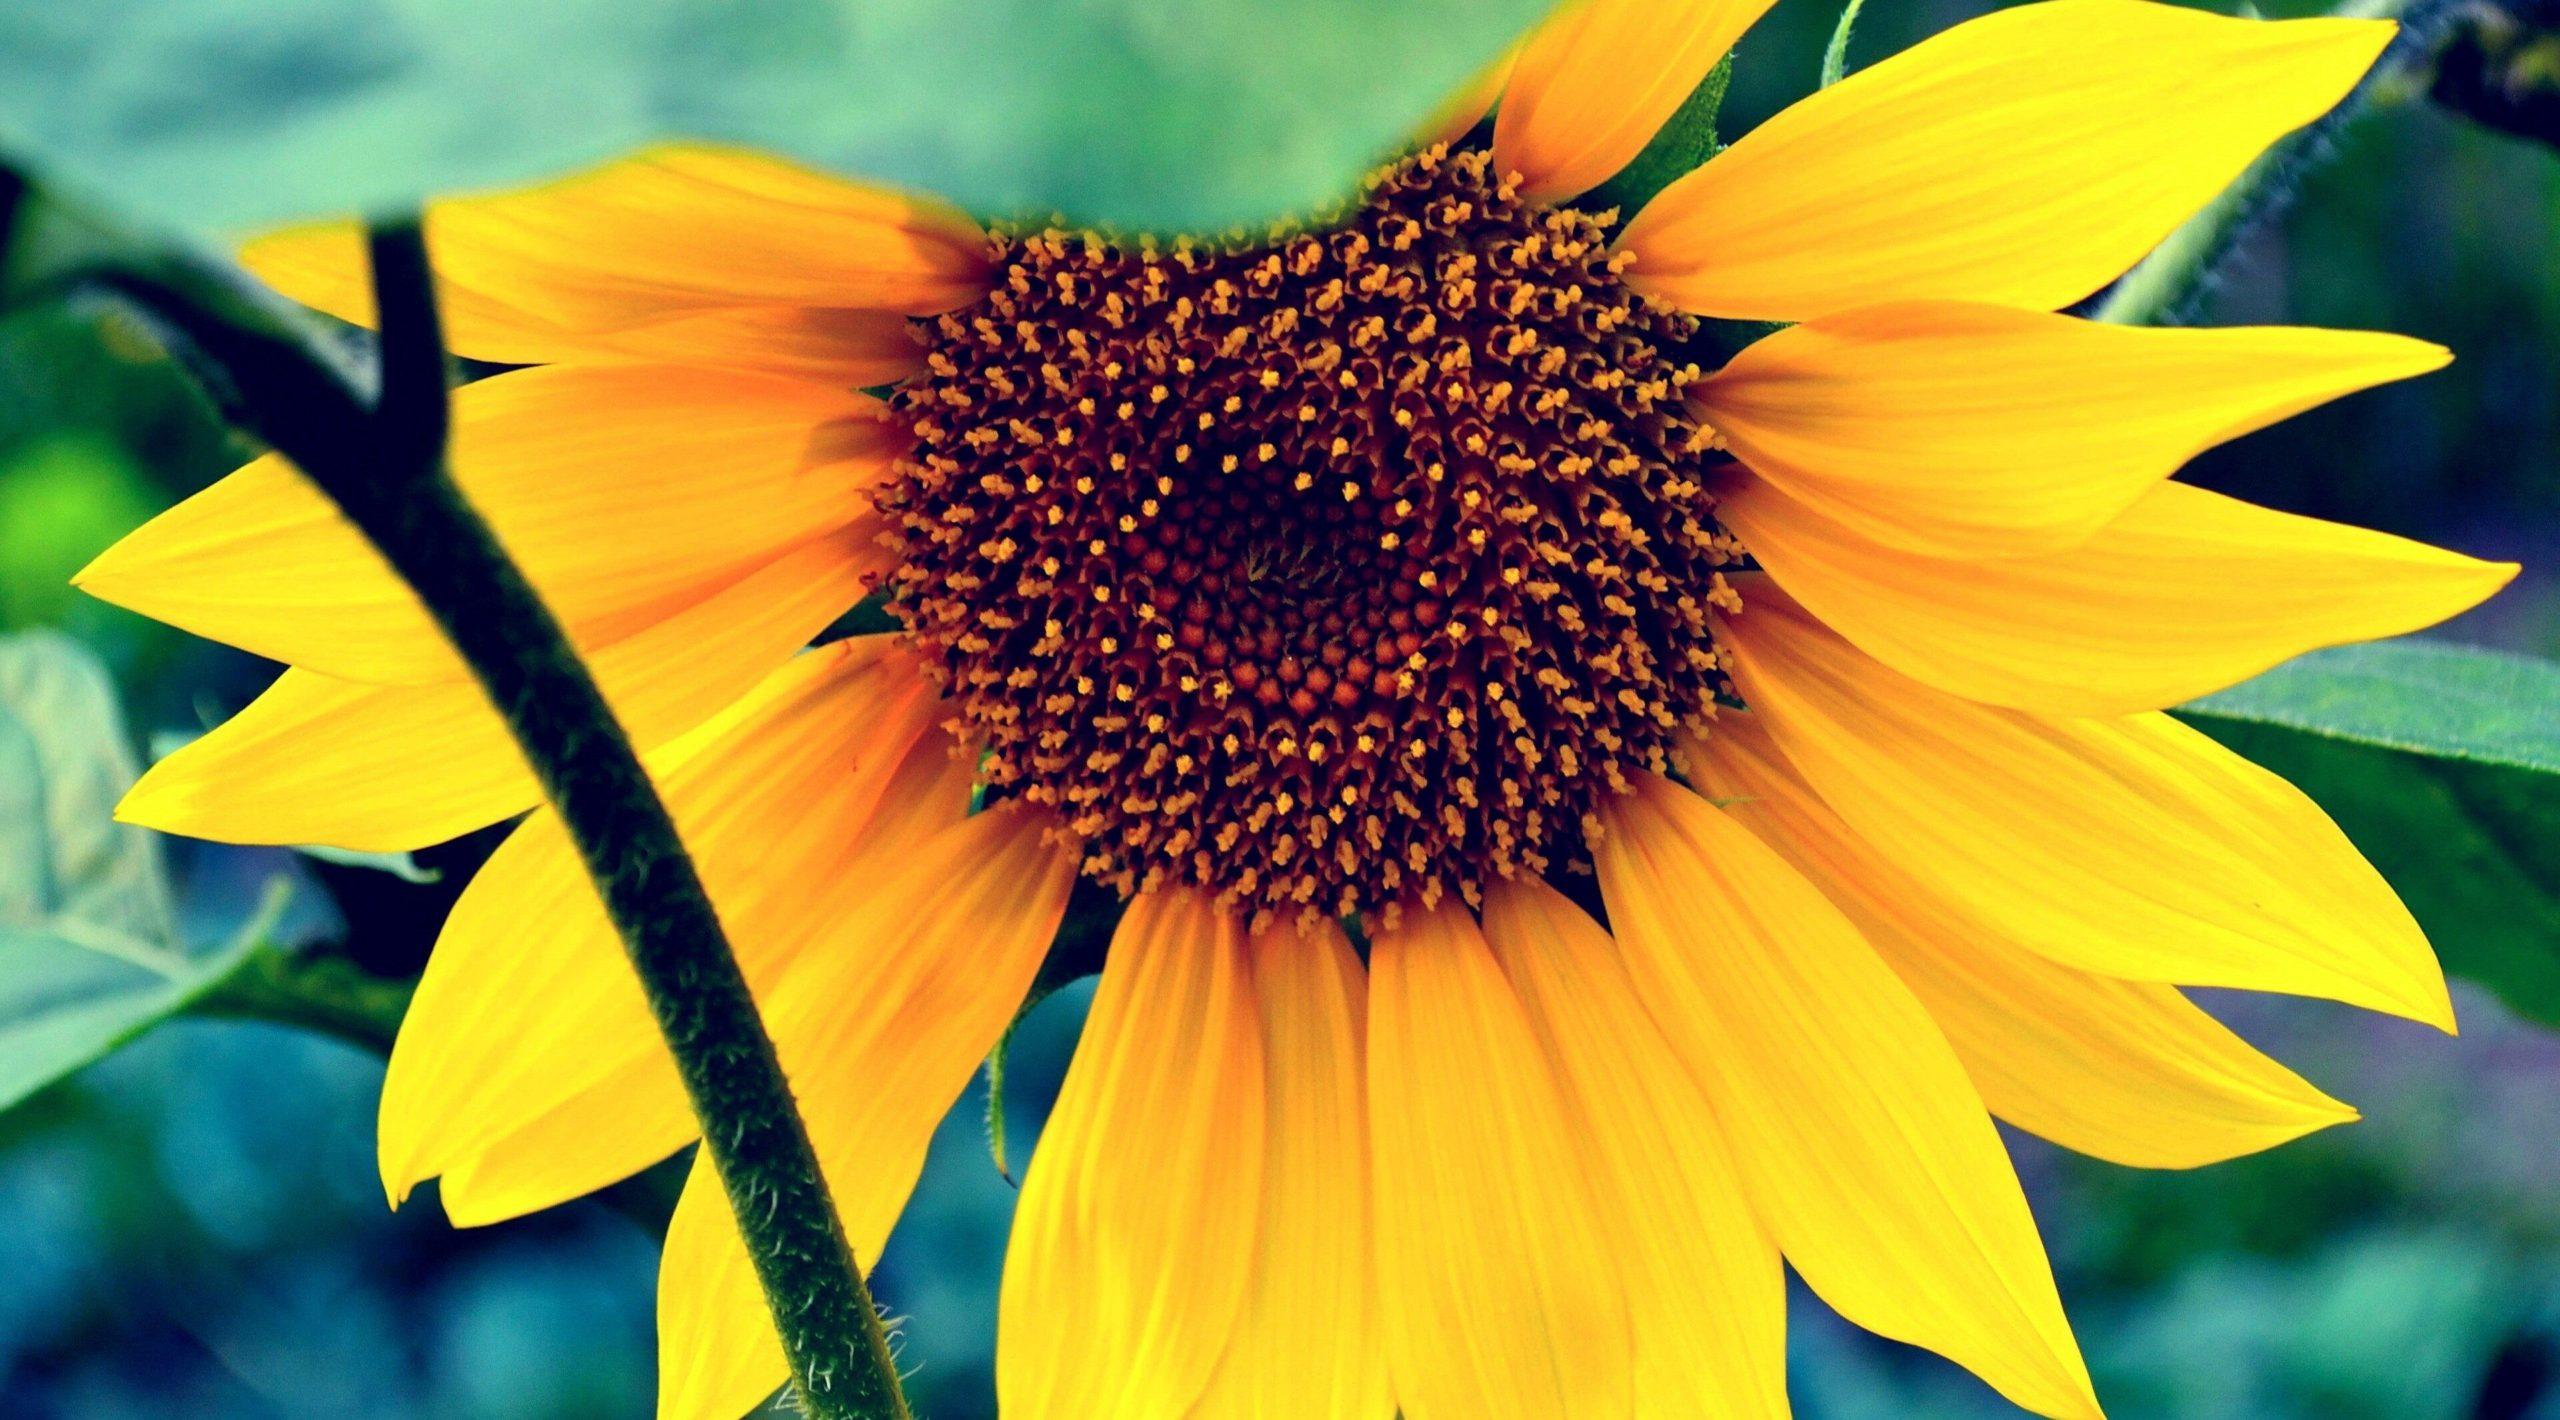 Ảnh nền hoa hướng dương sắc nét